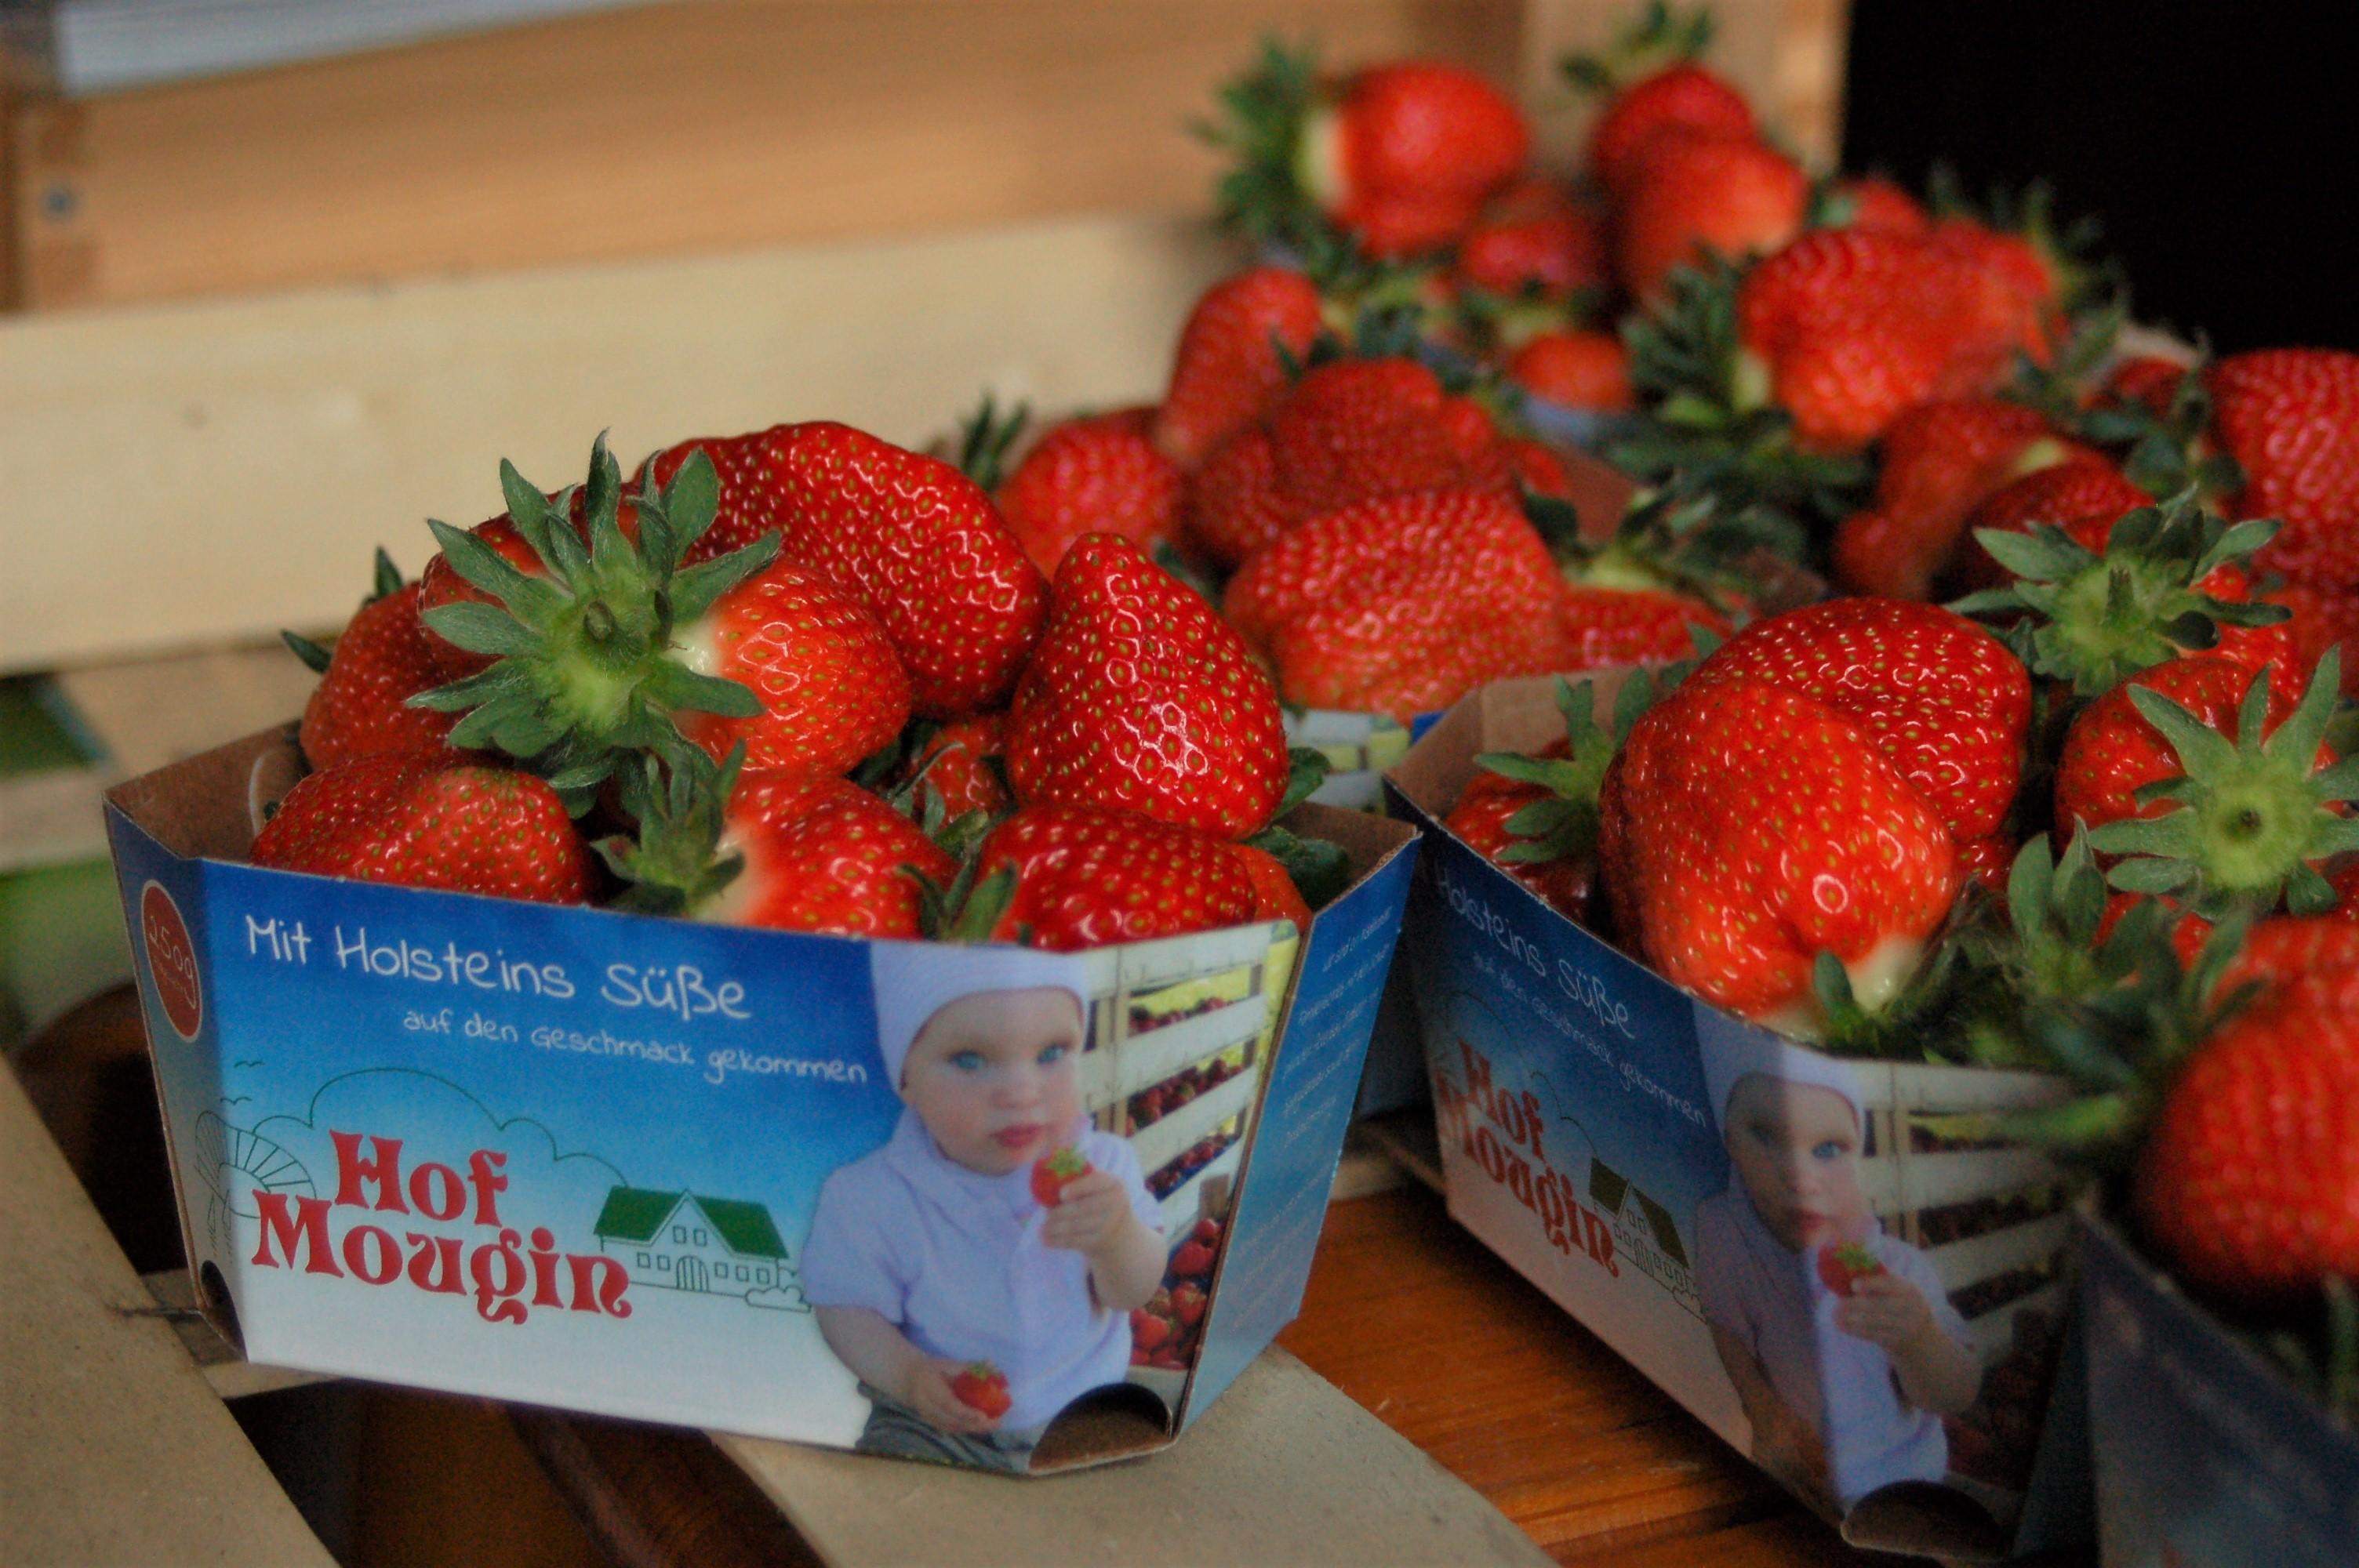 Die ersten Erdbeeren sind da